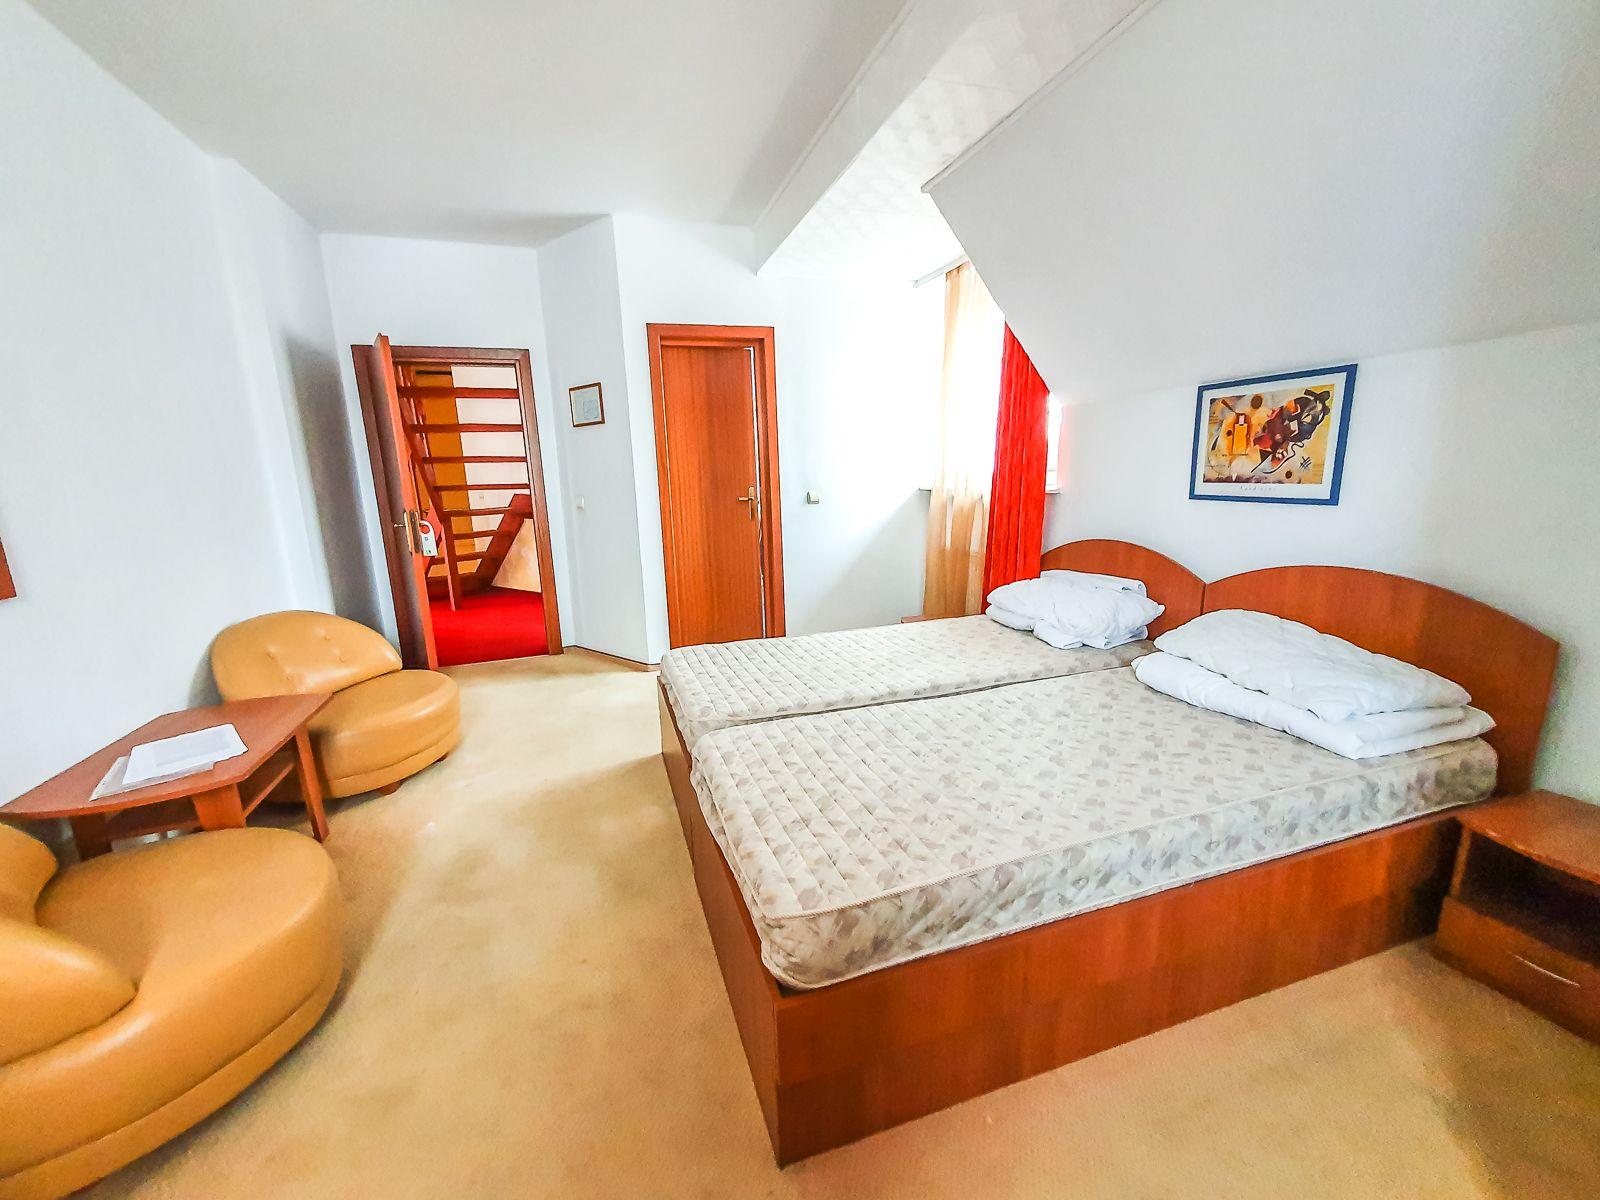 Casa/Pensiune DS+P+E+M 5 camere, 8 bai, 500 mp utili, parcul Sub Arini